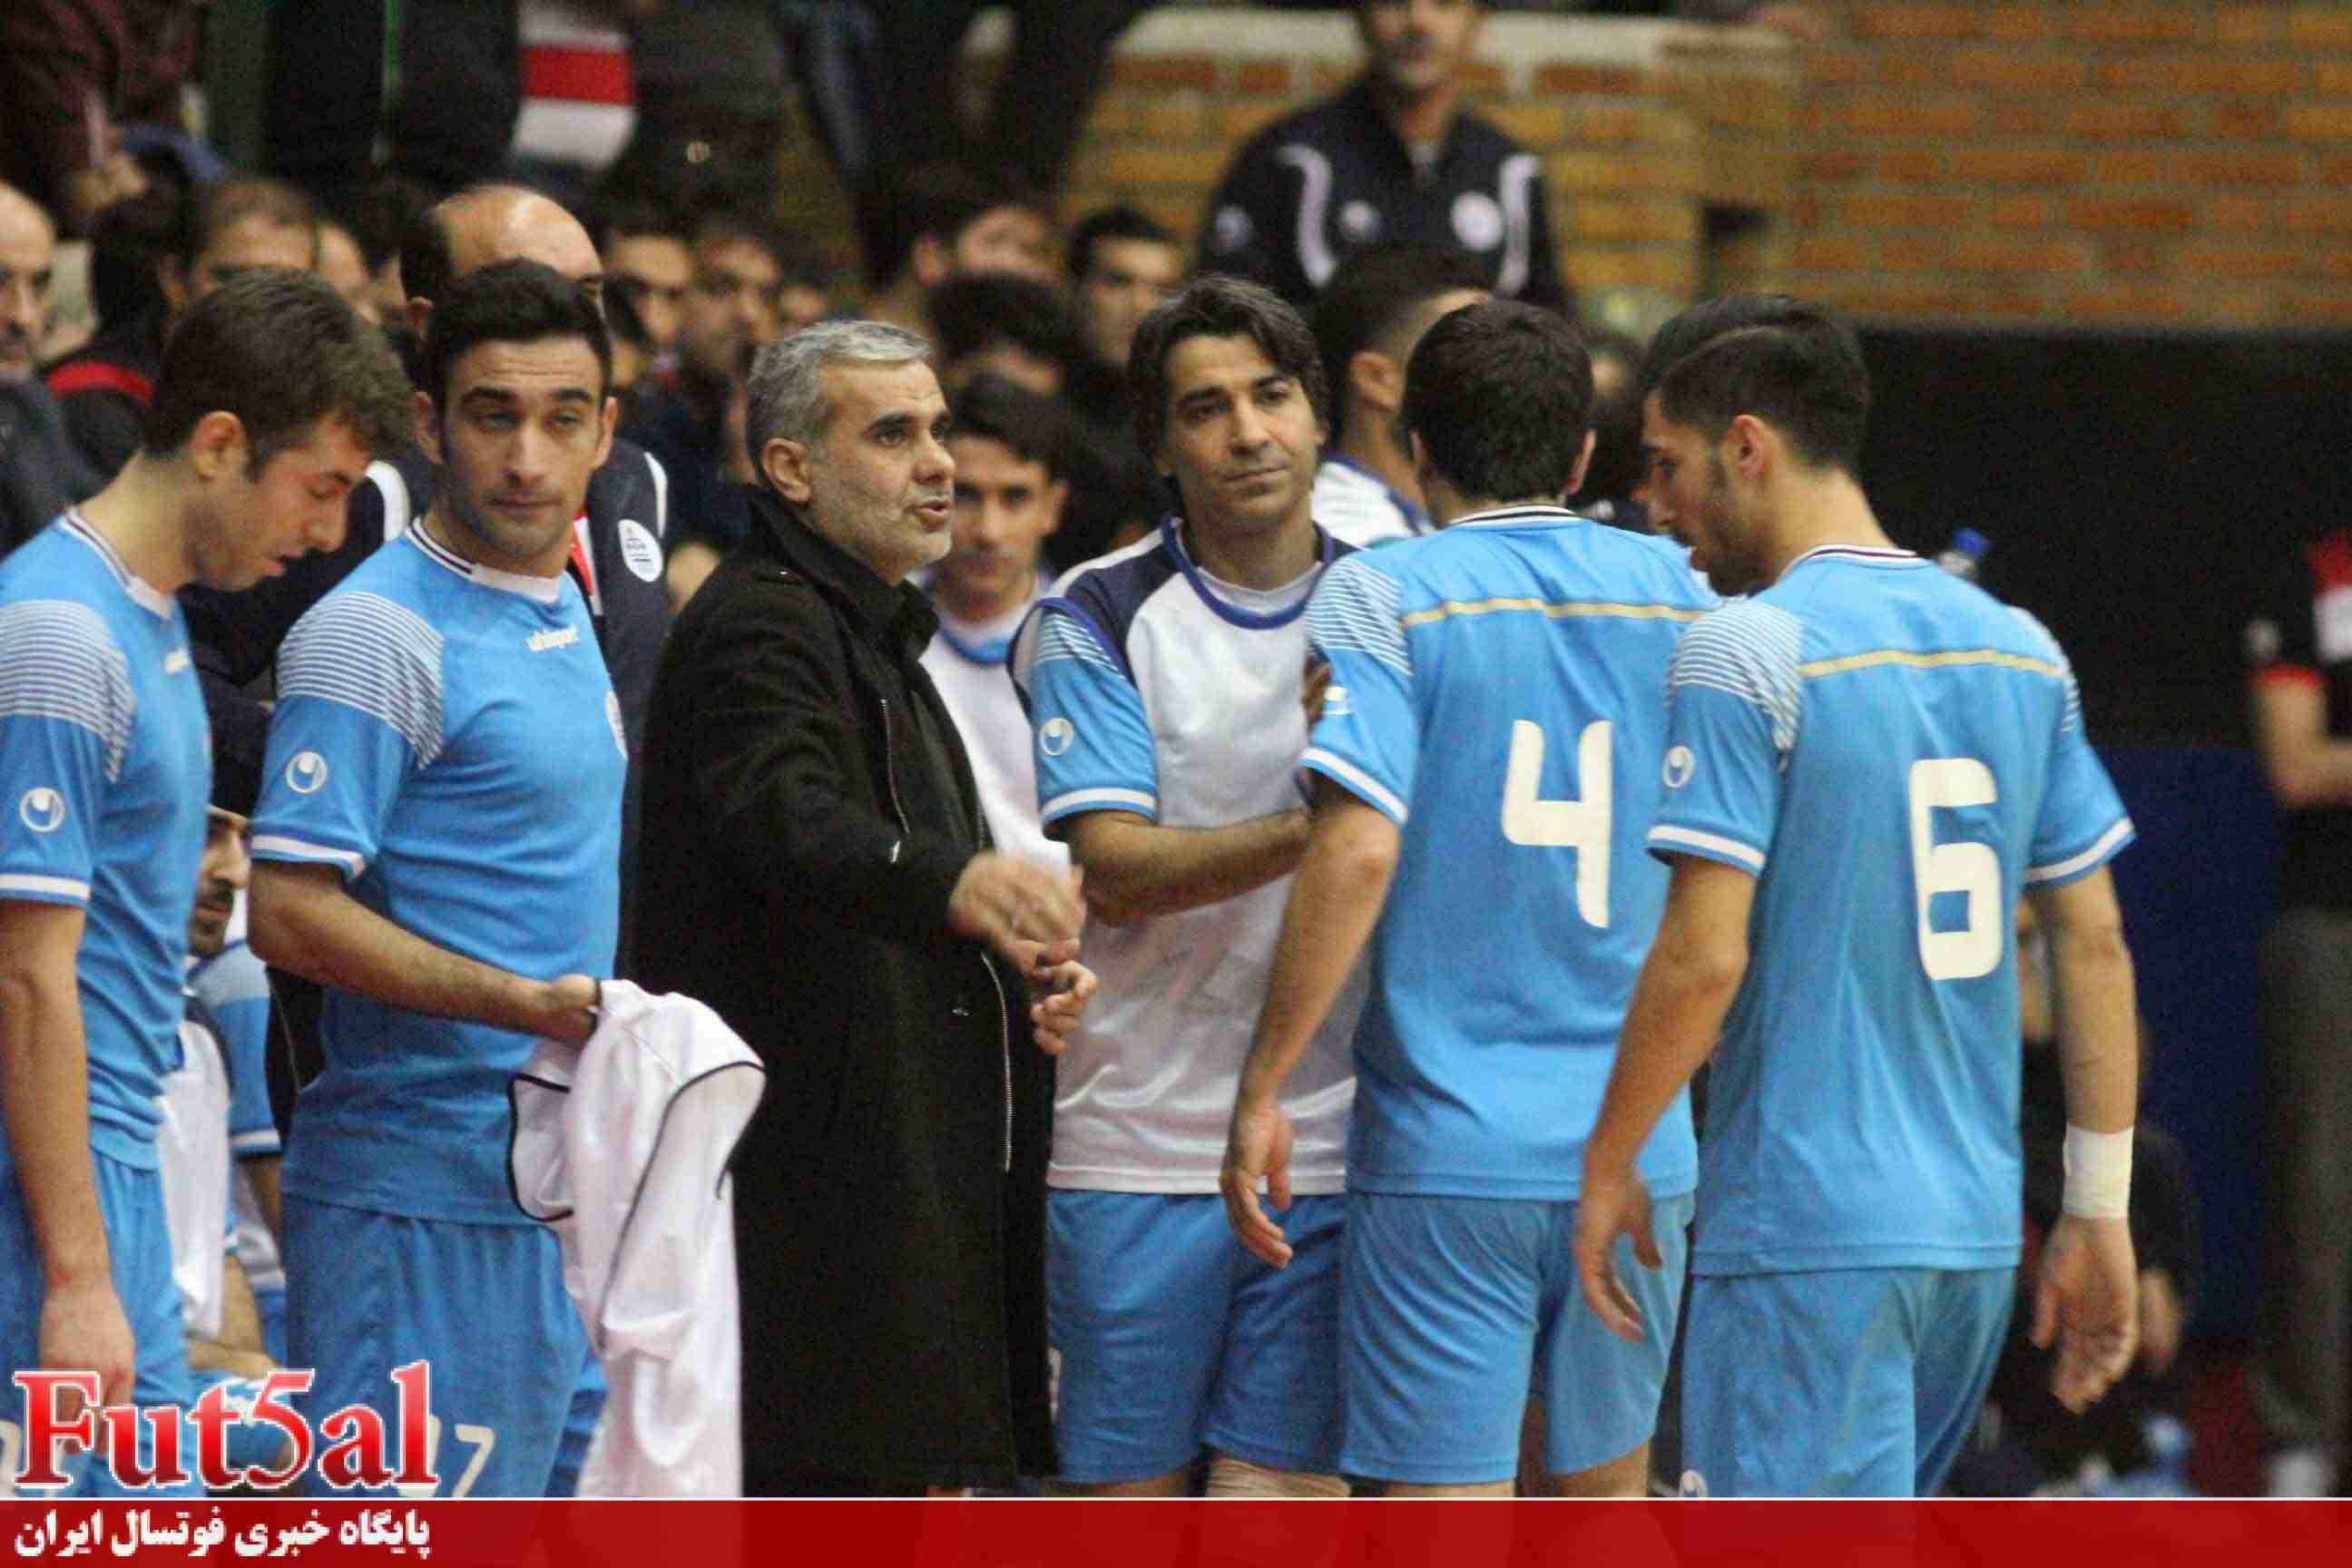 زمانبندی جام باشگاههای فوتسال جهان مشخص شد/ شاگردان شمسایی ۵ تیرماه به مصاف بارسلونا میروند